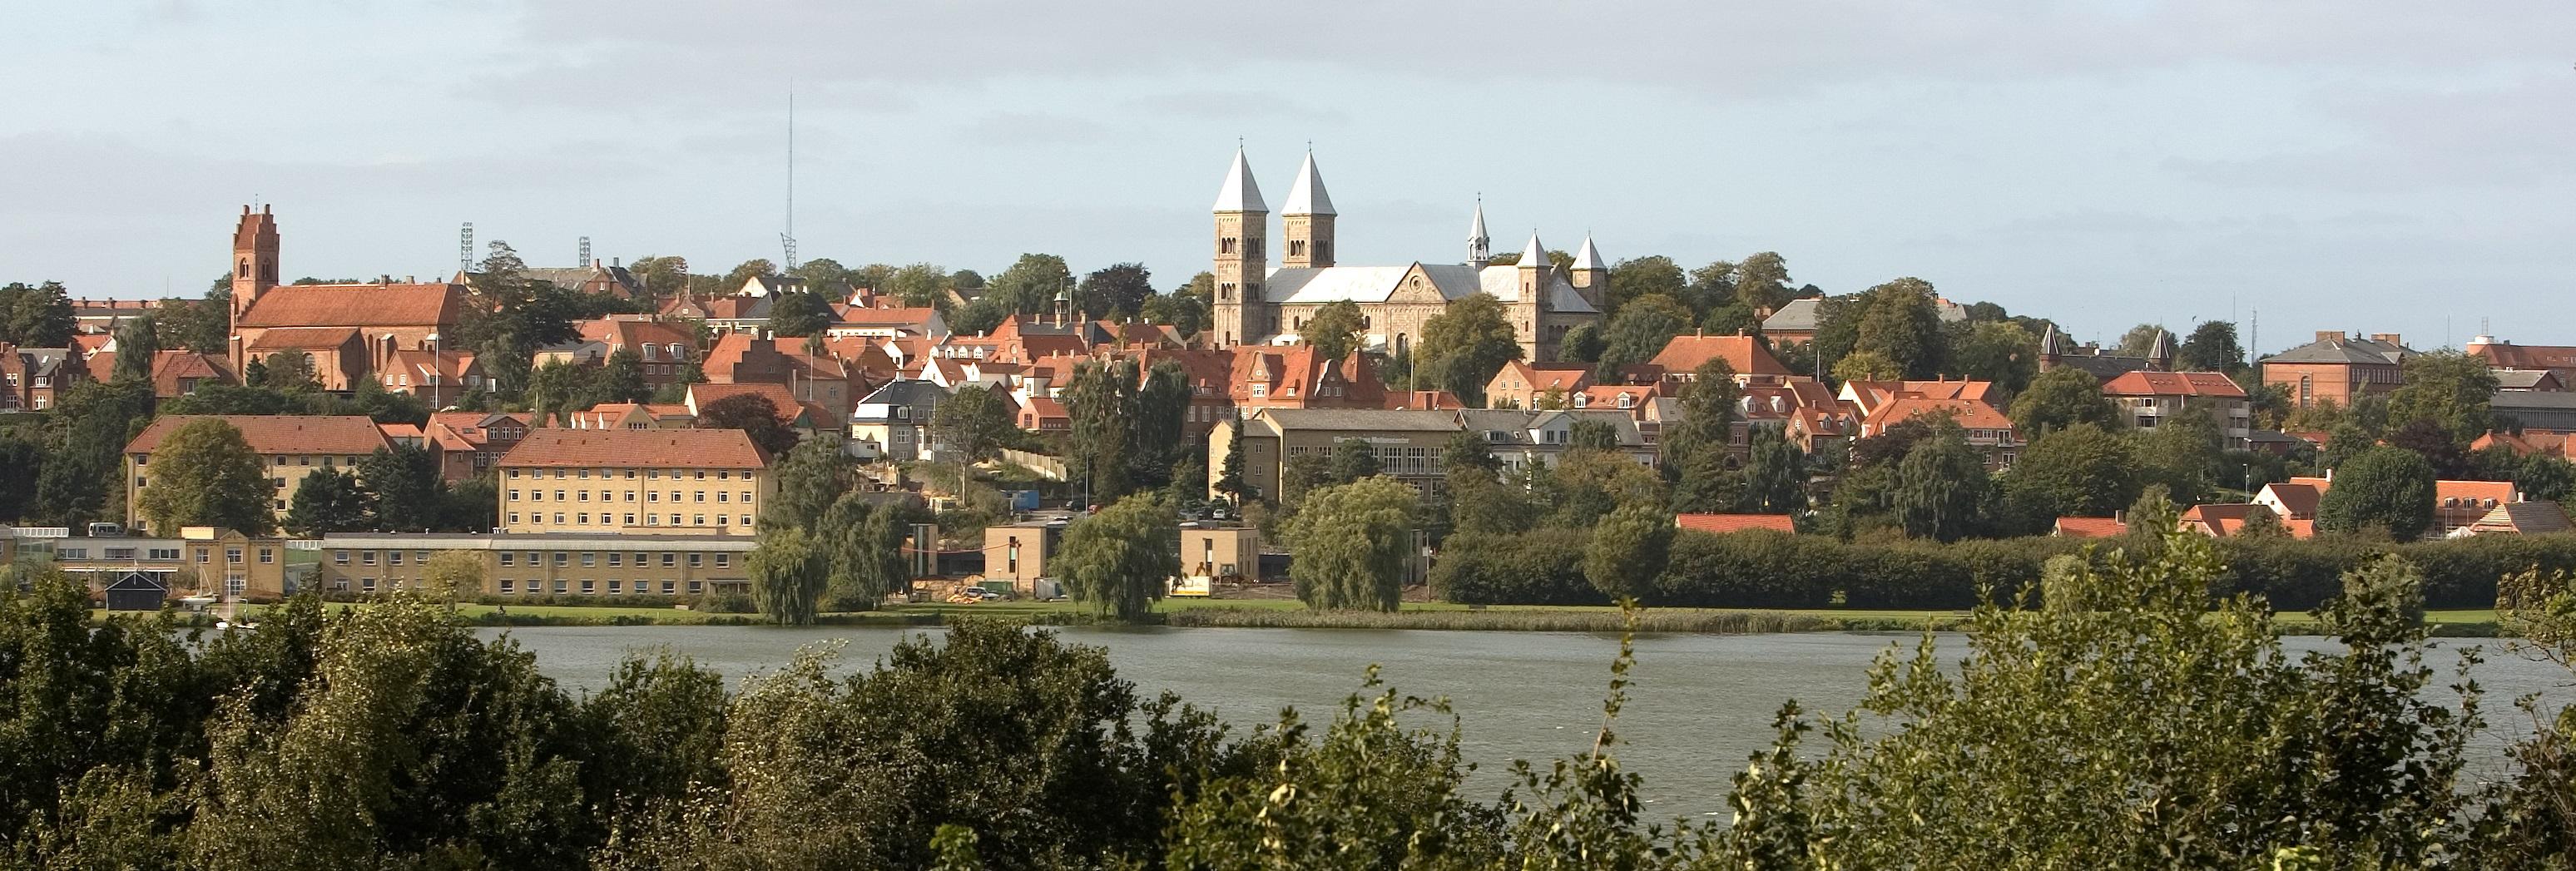 Viborg-wide